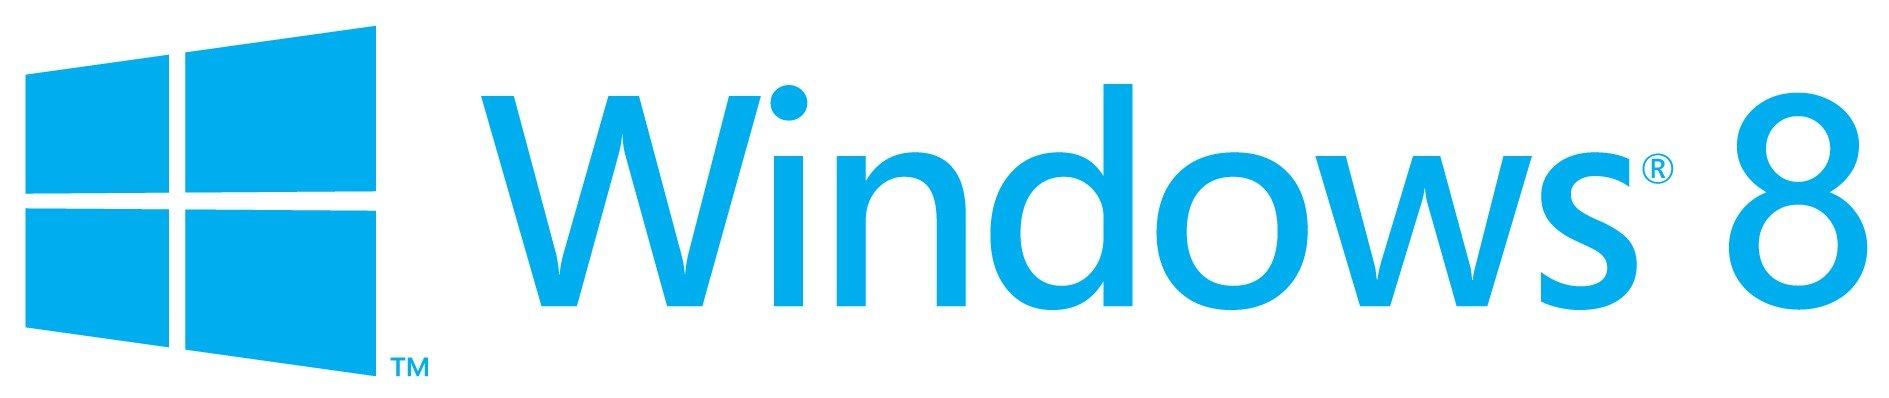 Neues Logo von Windows 8